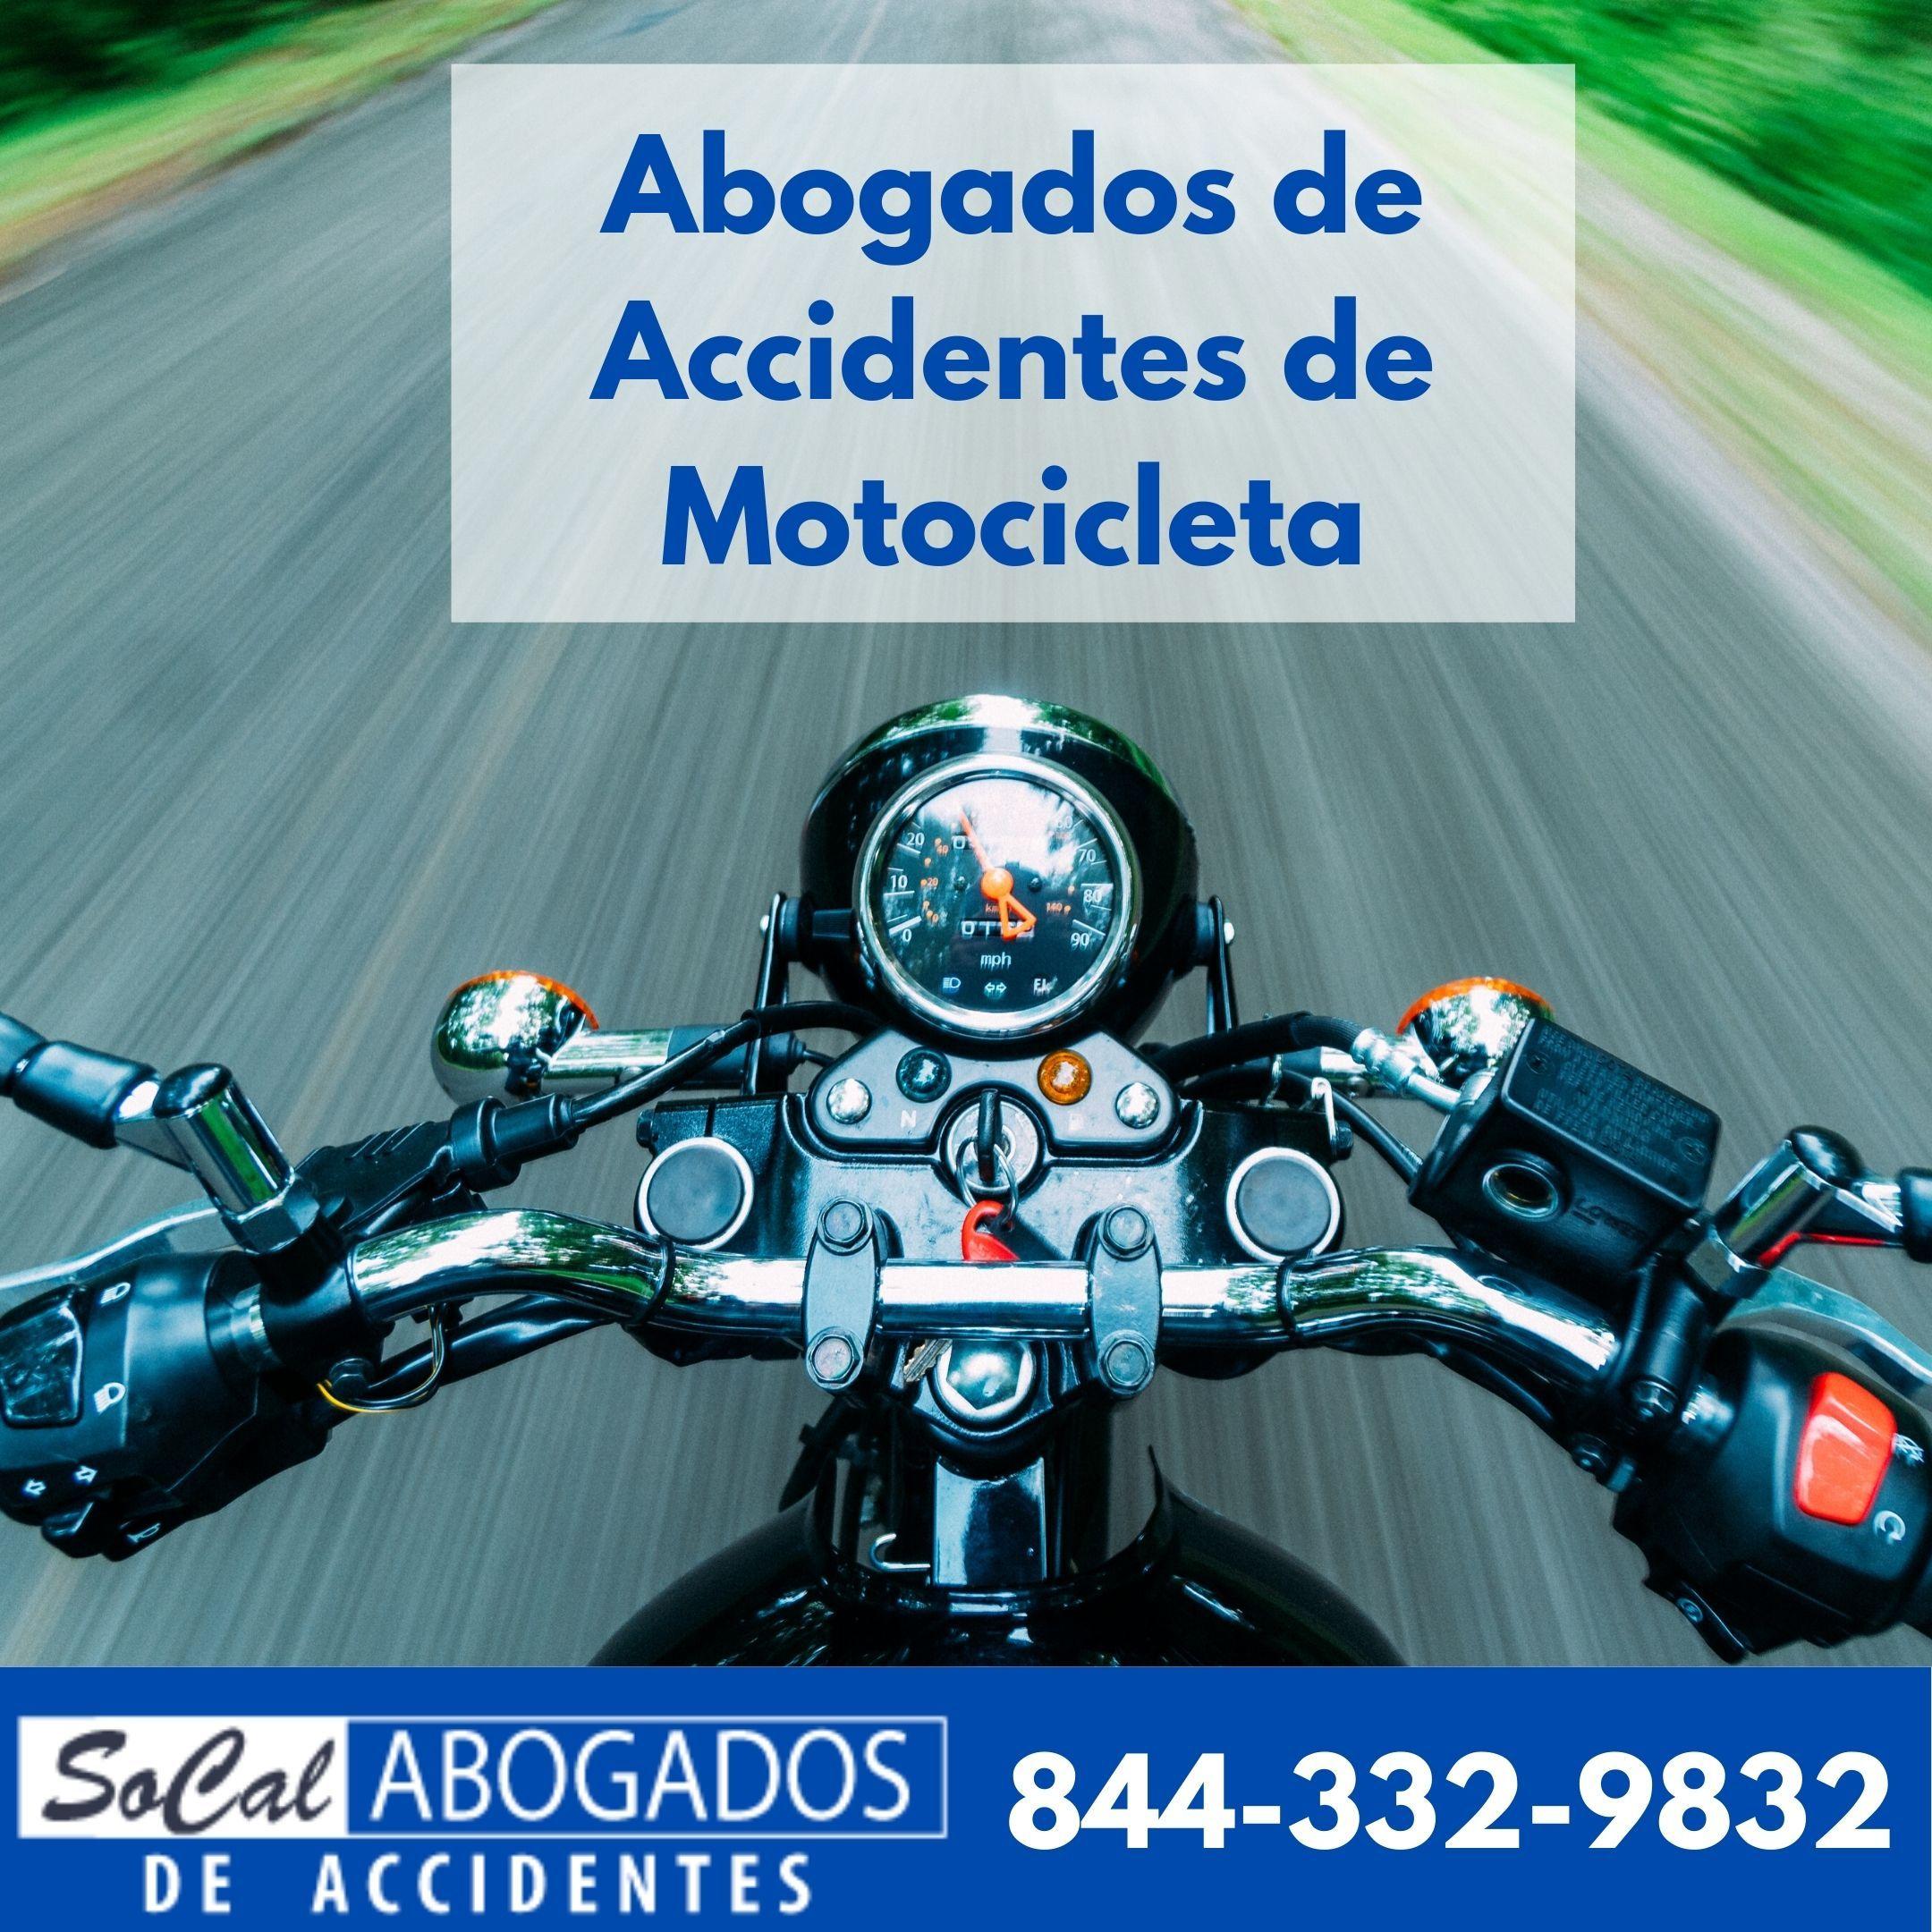 Abogados De Accidentes De Motos Tratamiento Médico Motos Abogados